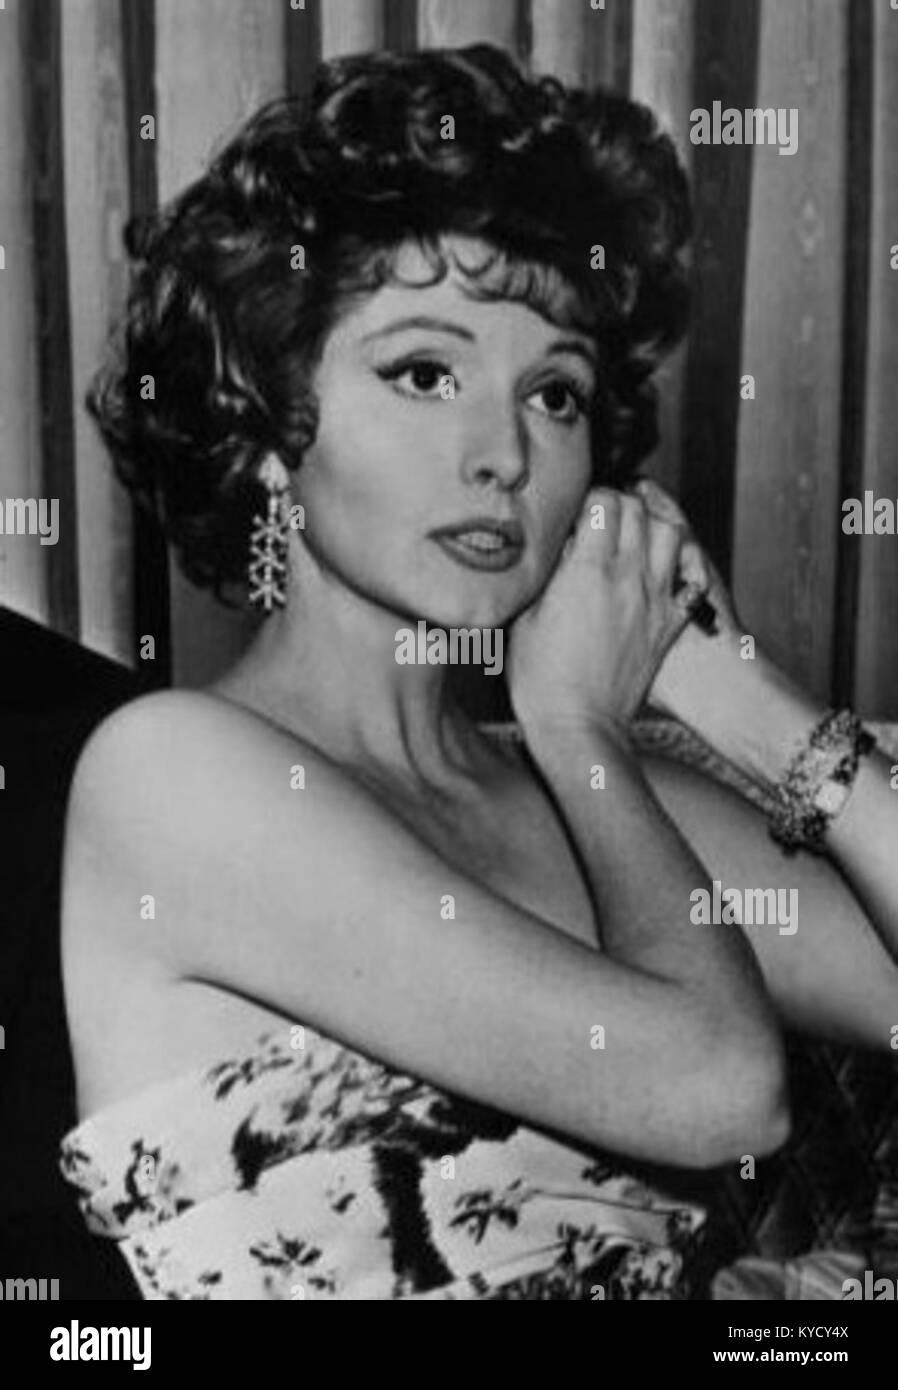 Marina Khan Porno archive Kari Matchett,Jessica Caban